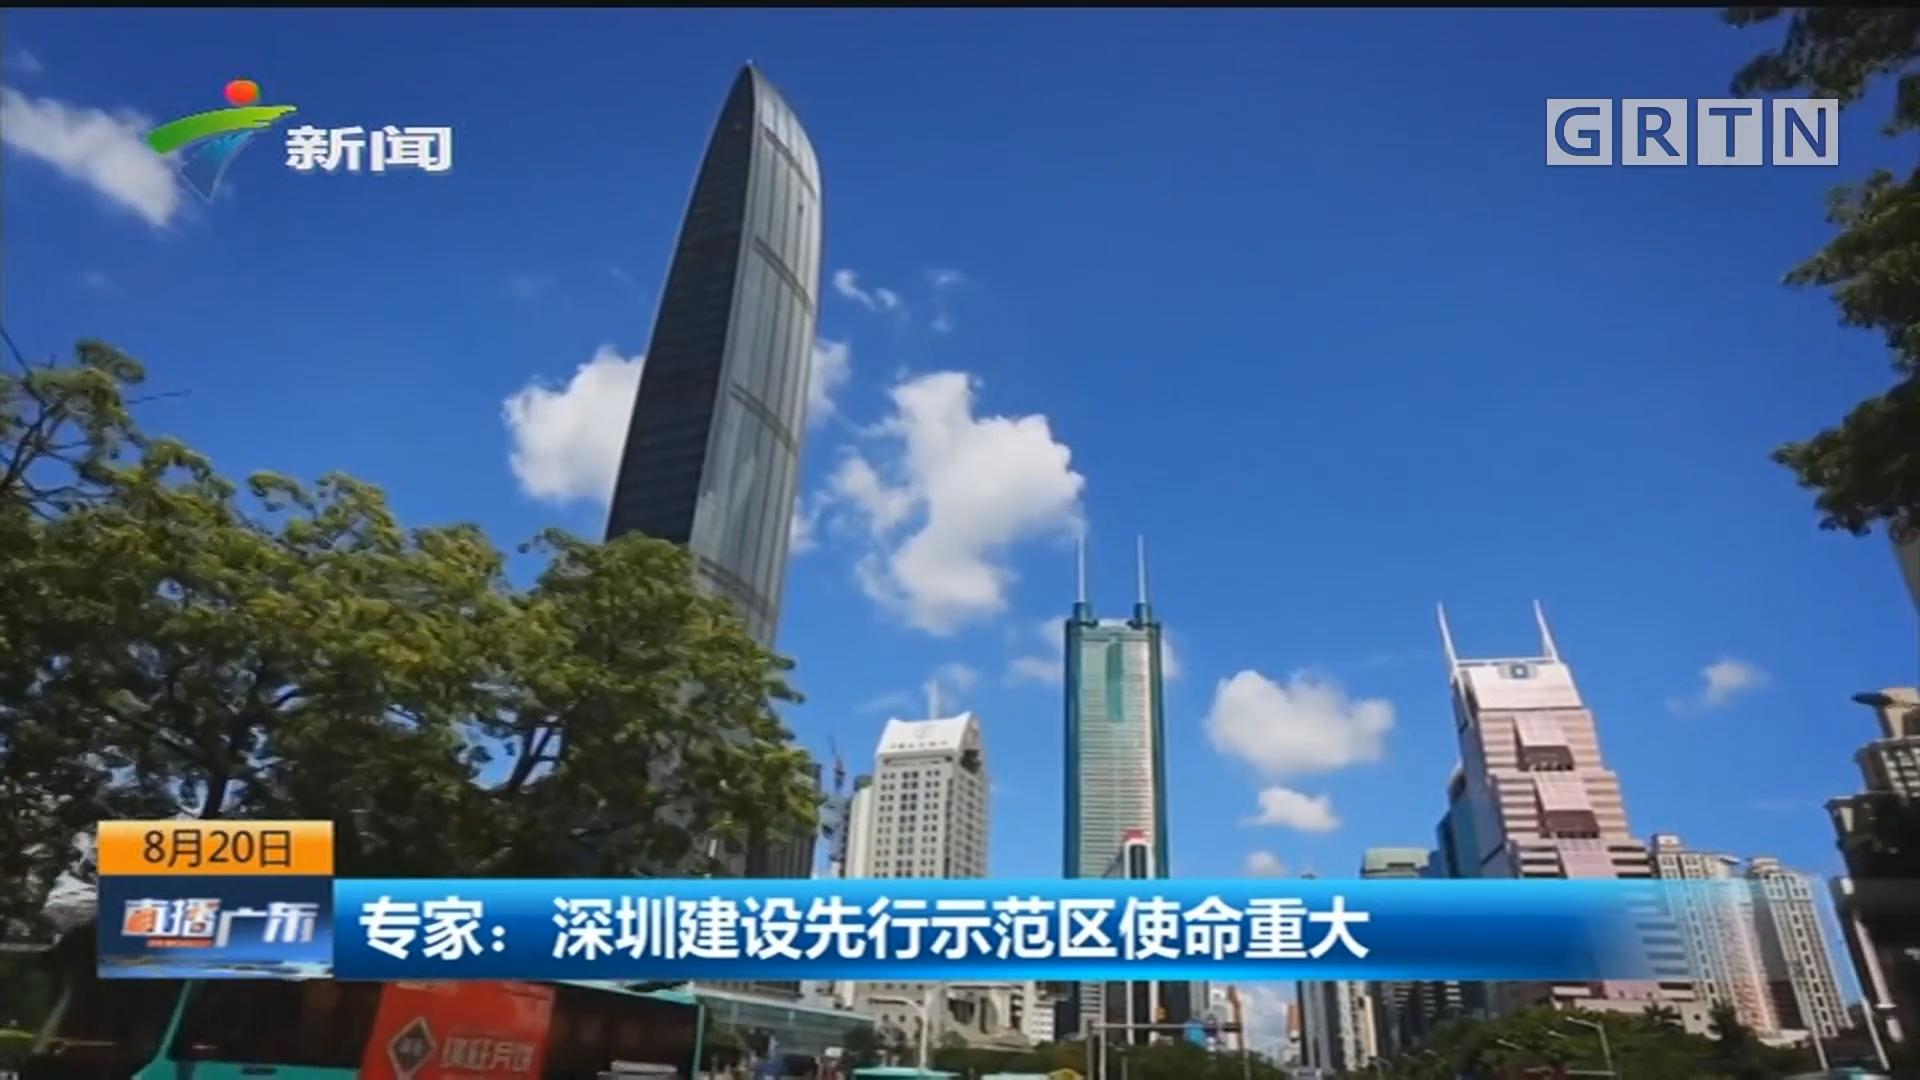 专家:深圳建设先行示范区使命重大